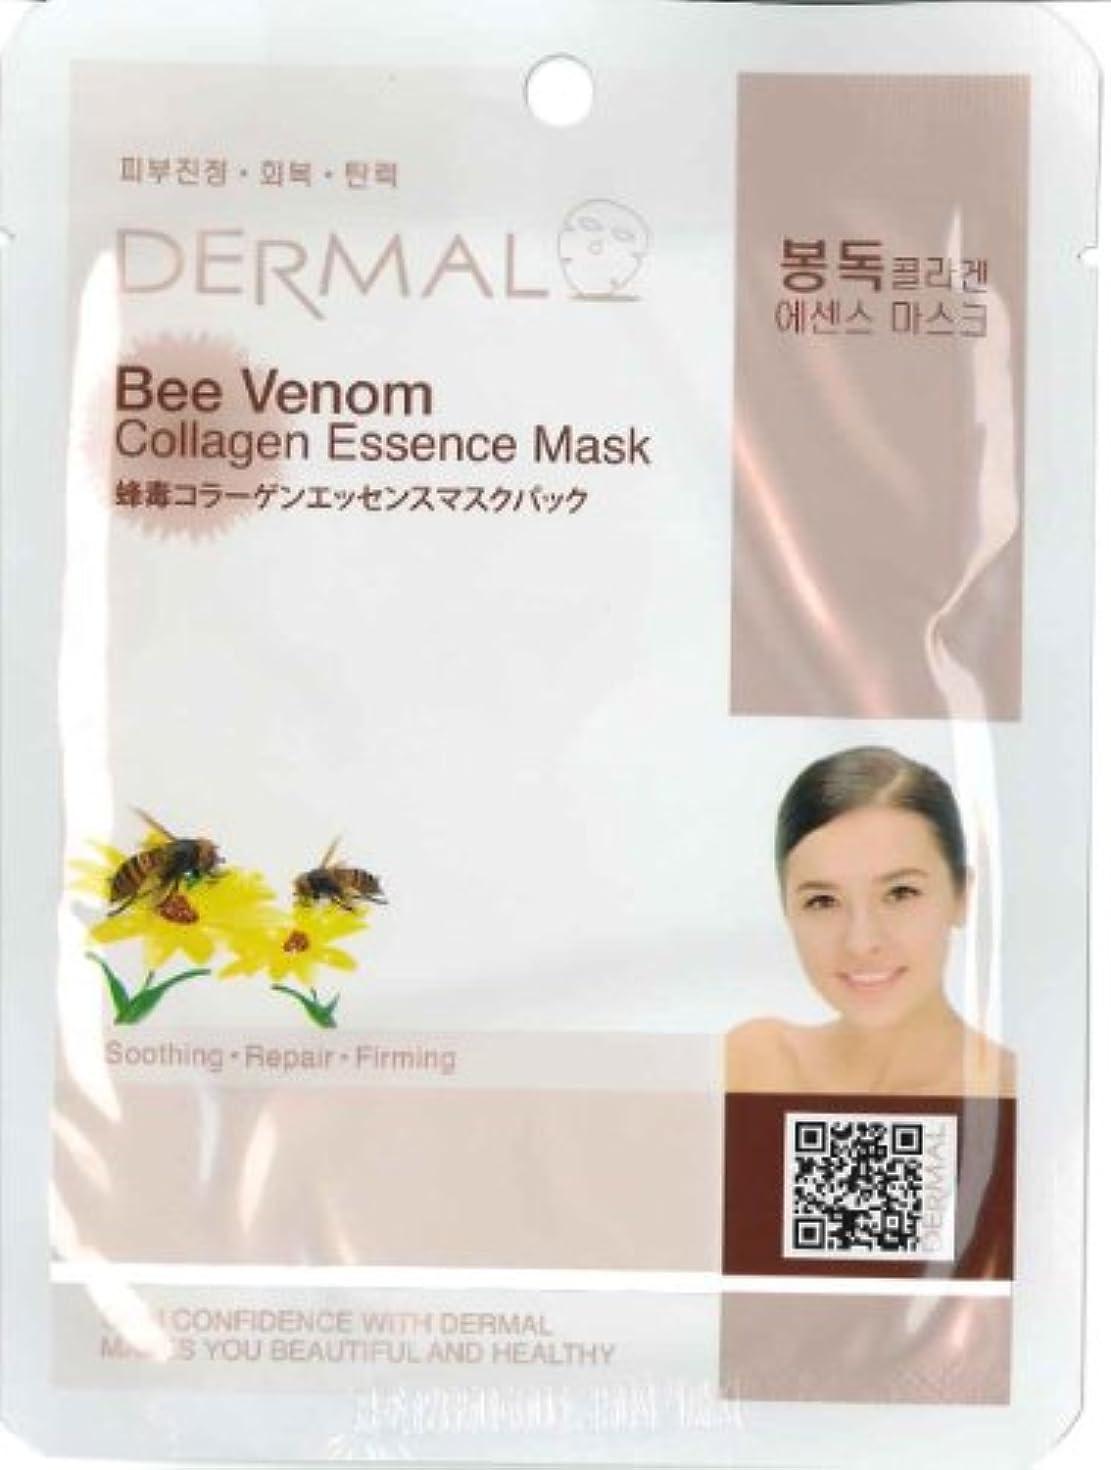 ニンニク傾いた肯定的蜂毒パック(フェイスパック)ミツバチ毒シートマスク 100枚セット ダーマル(Dermal)